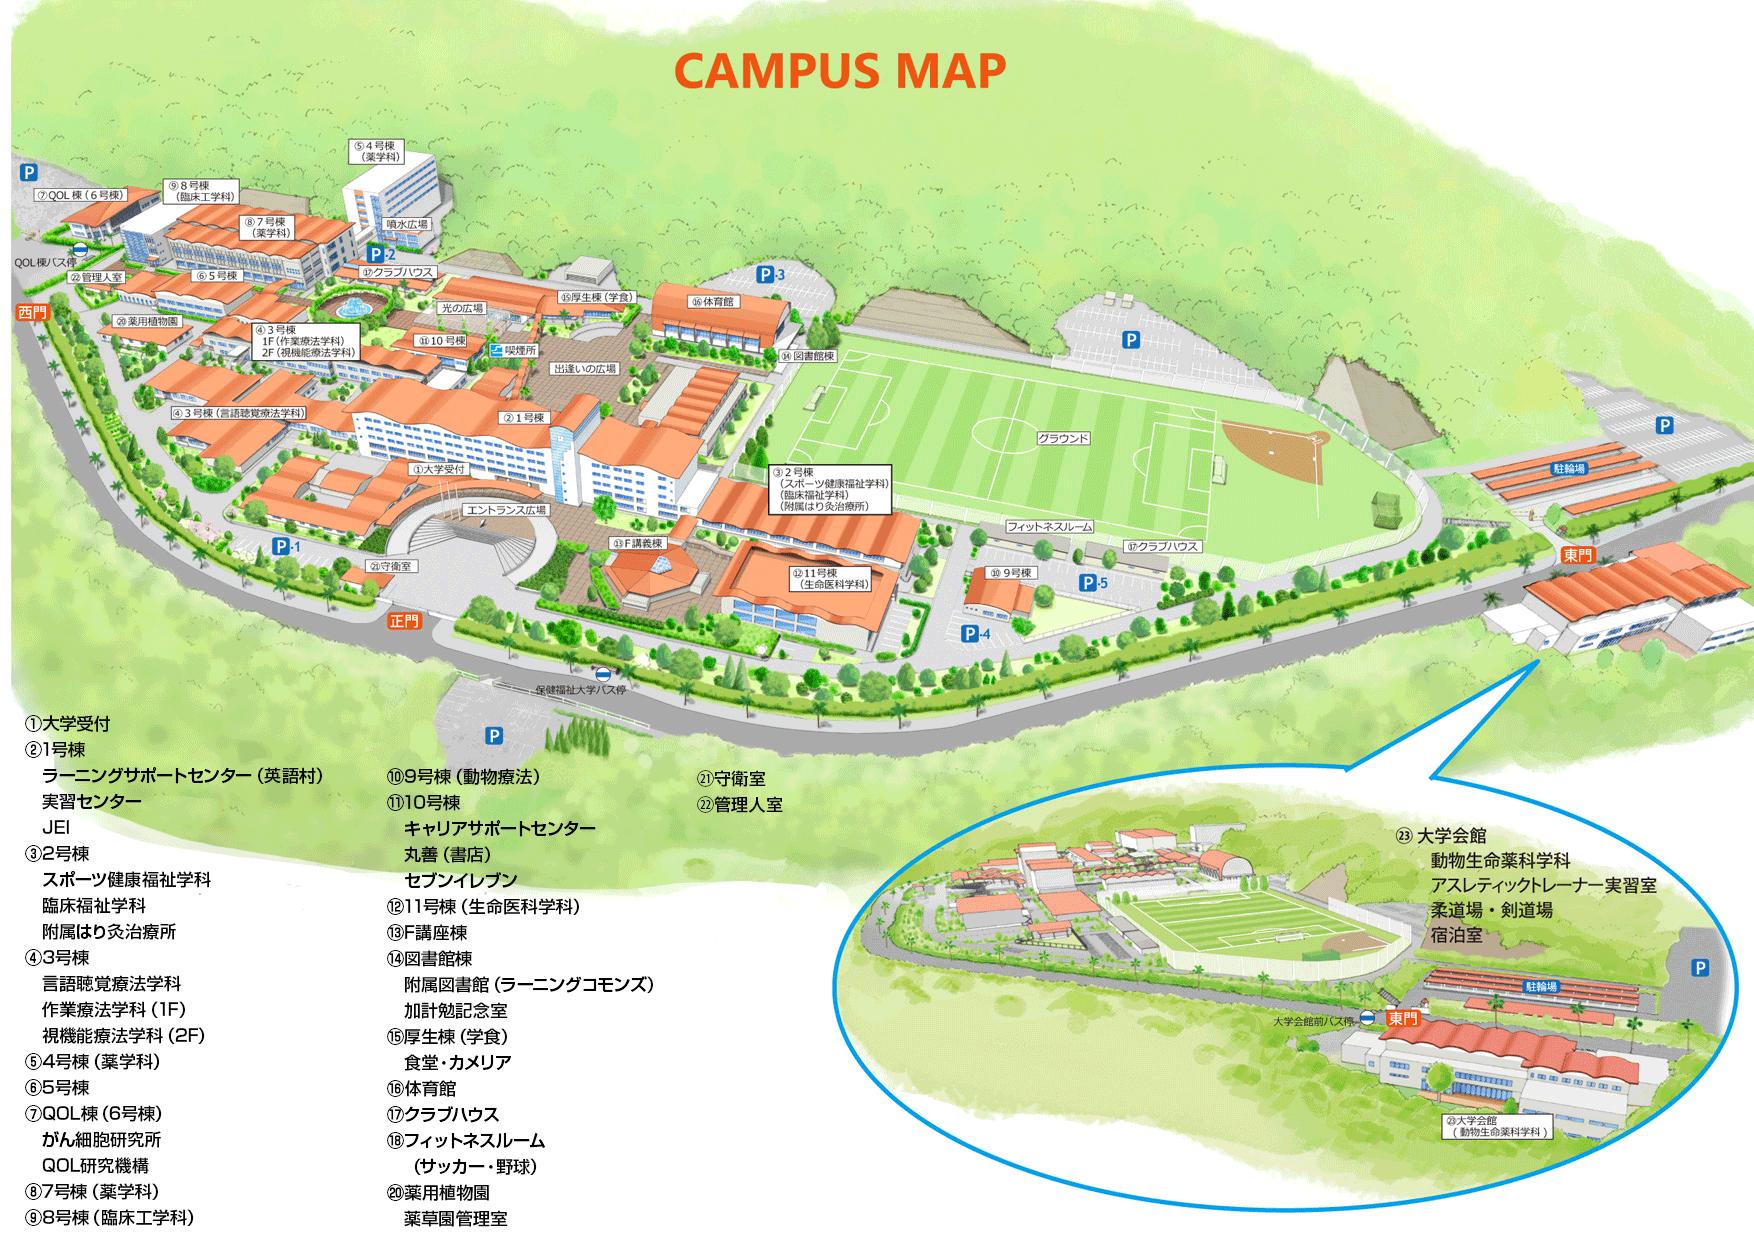 大学 福祉 九州 保健 九州保健福祉大学の情報満載|偏差値・口コミなど|みんなの大学情報